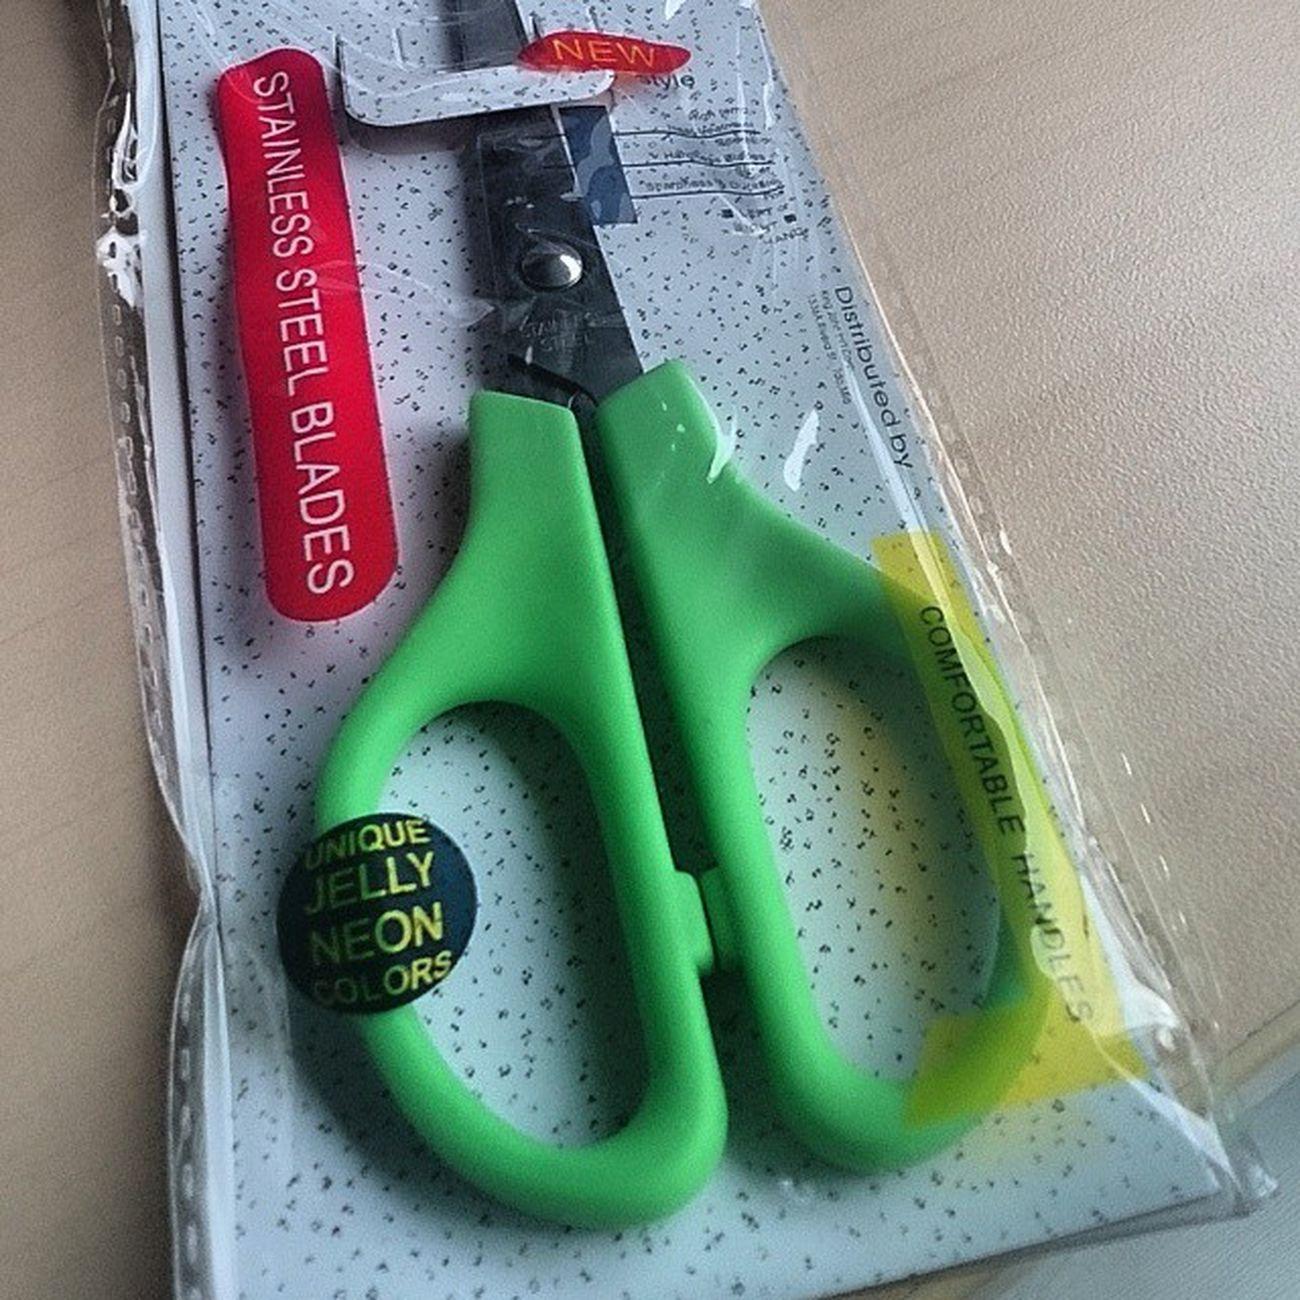 Pinasaya mo ang araw q.. My 1st scissors after 5 yrs and counting! Gunting